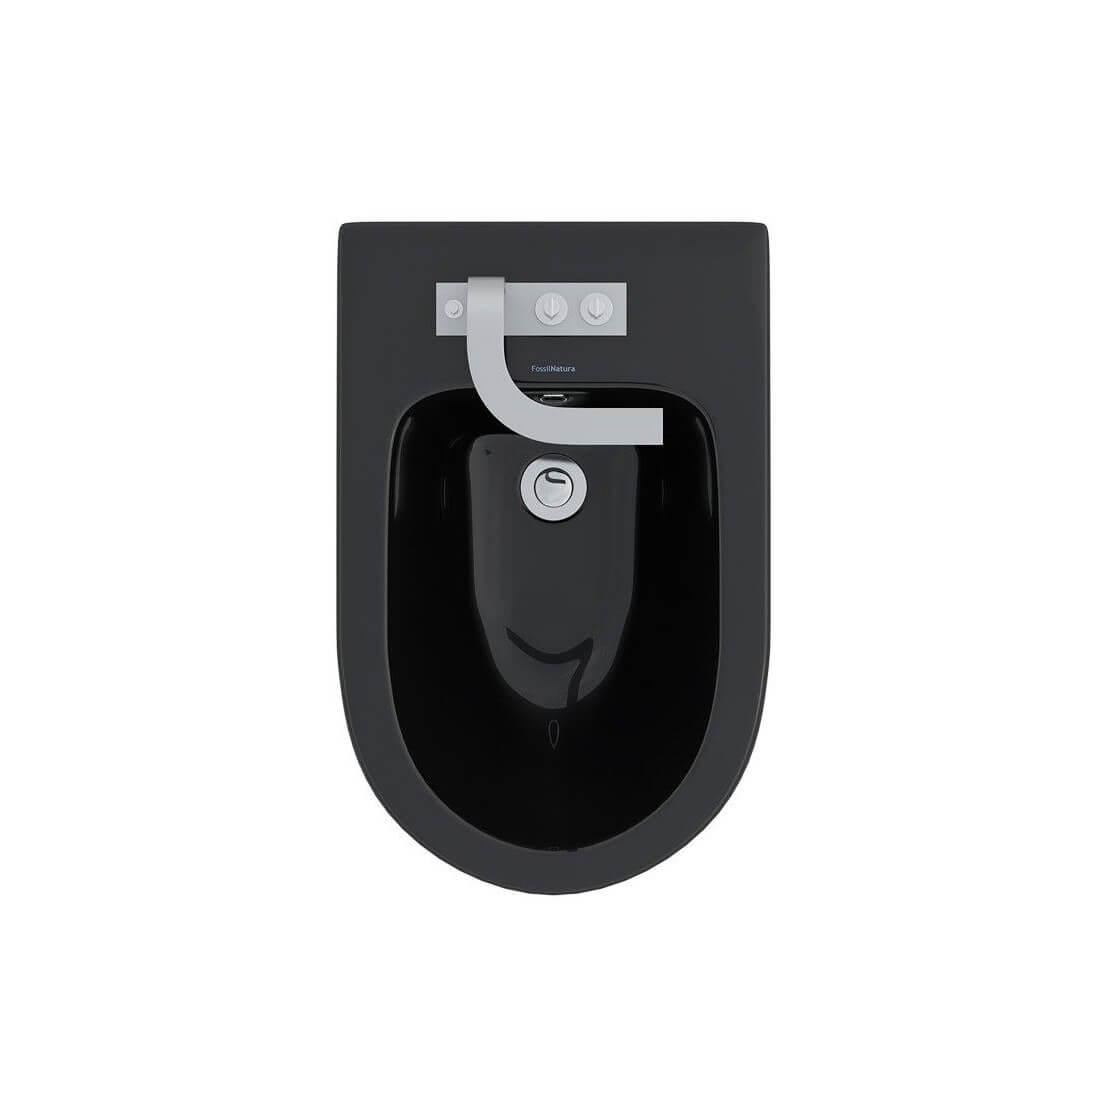 ▷ Comprar bidé casa de banho preto modelo Verona Black ao melhor preço